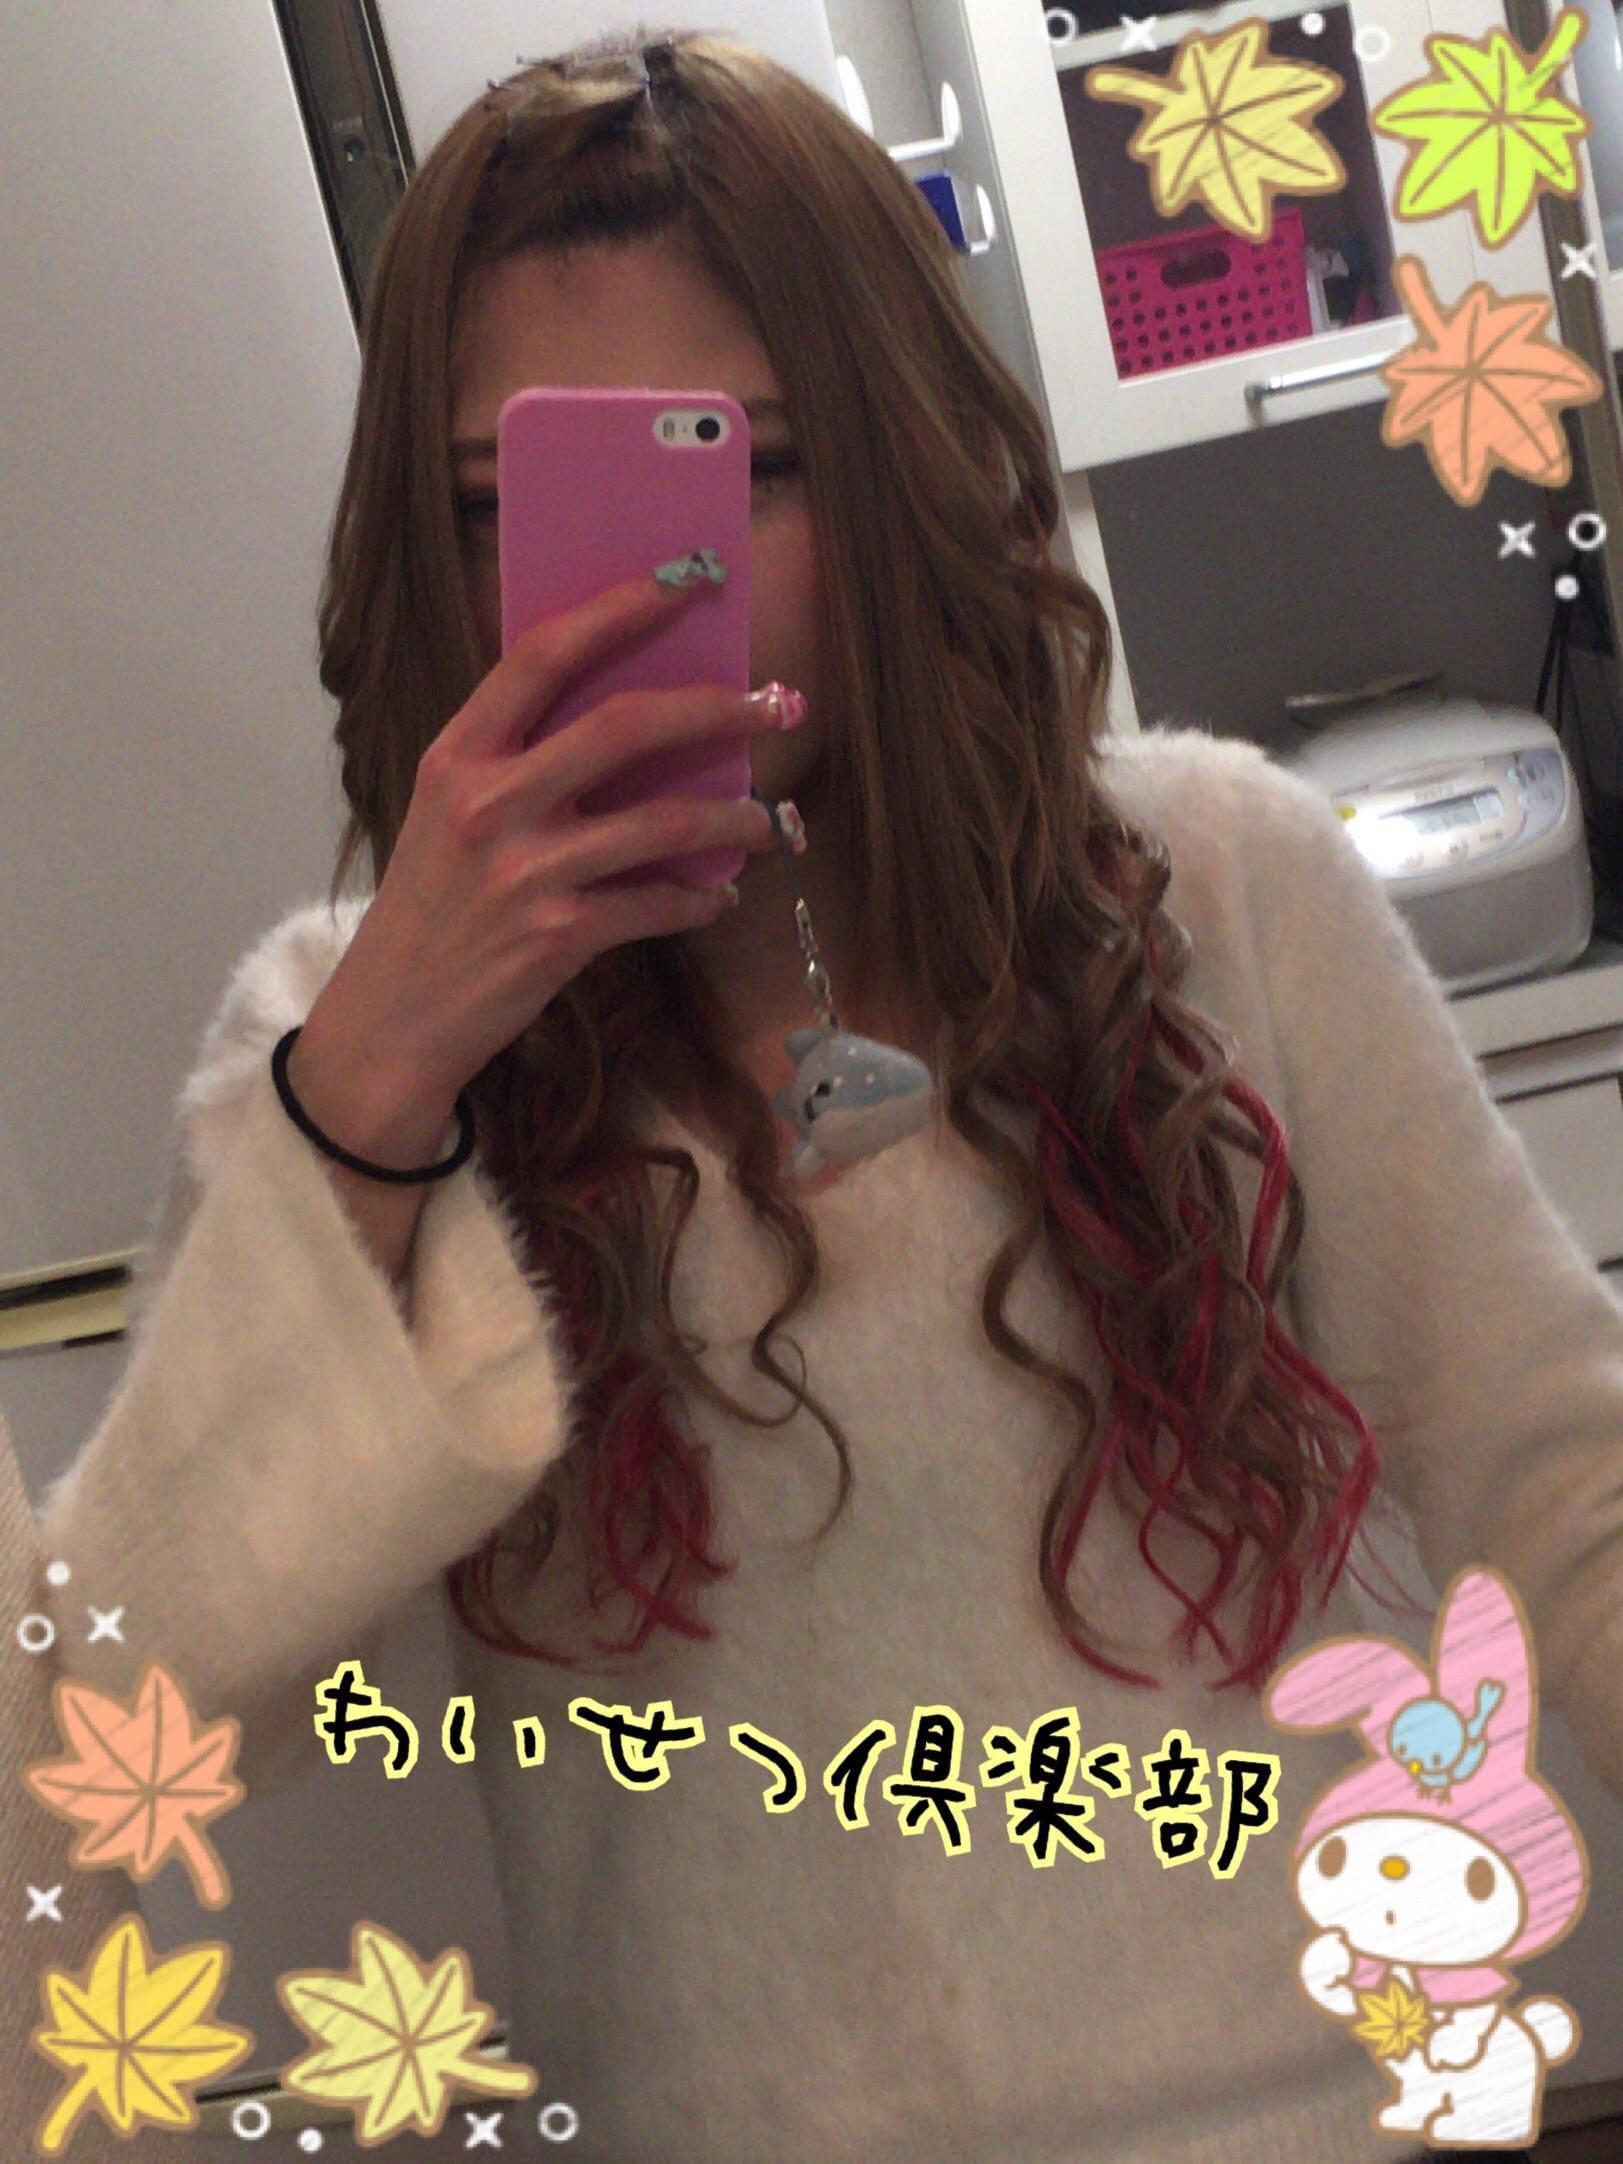 「遊ぶなら今☆」02/12(02/12) 17:18 | かなえ【イラマレベル★★★】の写メ・風俗動画